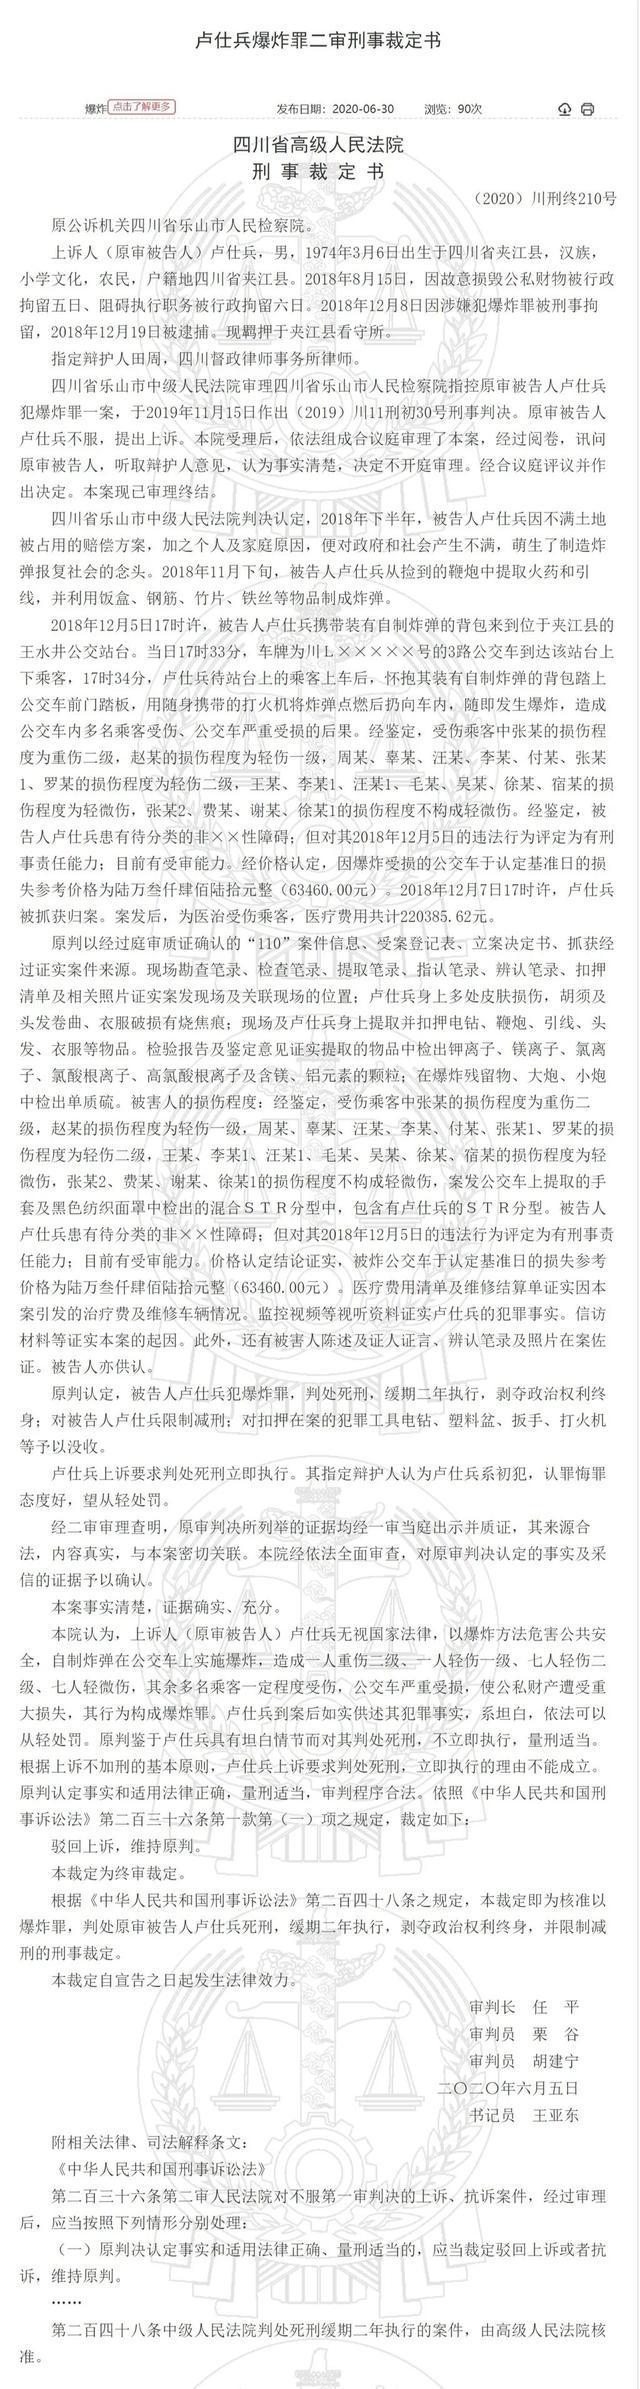 四川公交车爆炸案被告上诉死刑